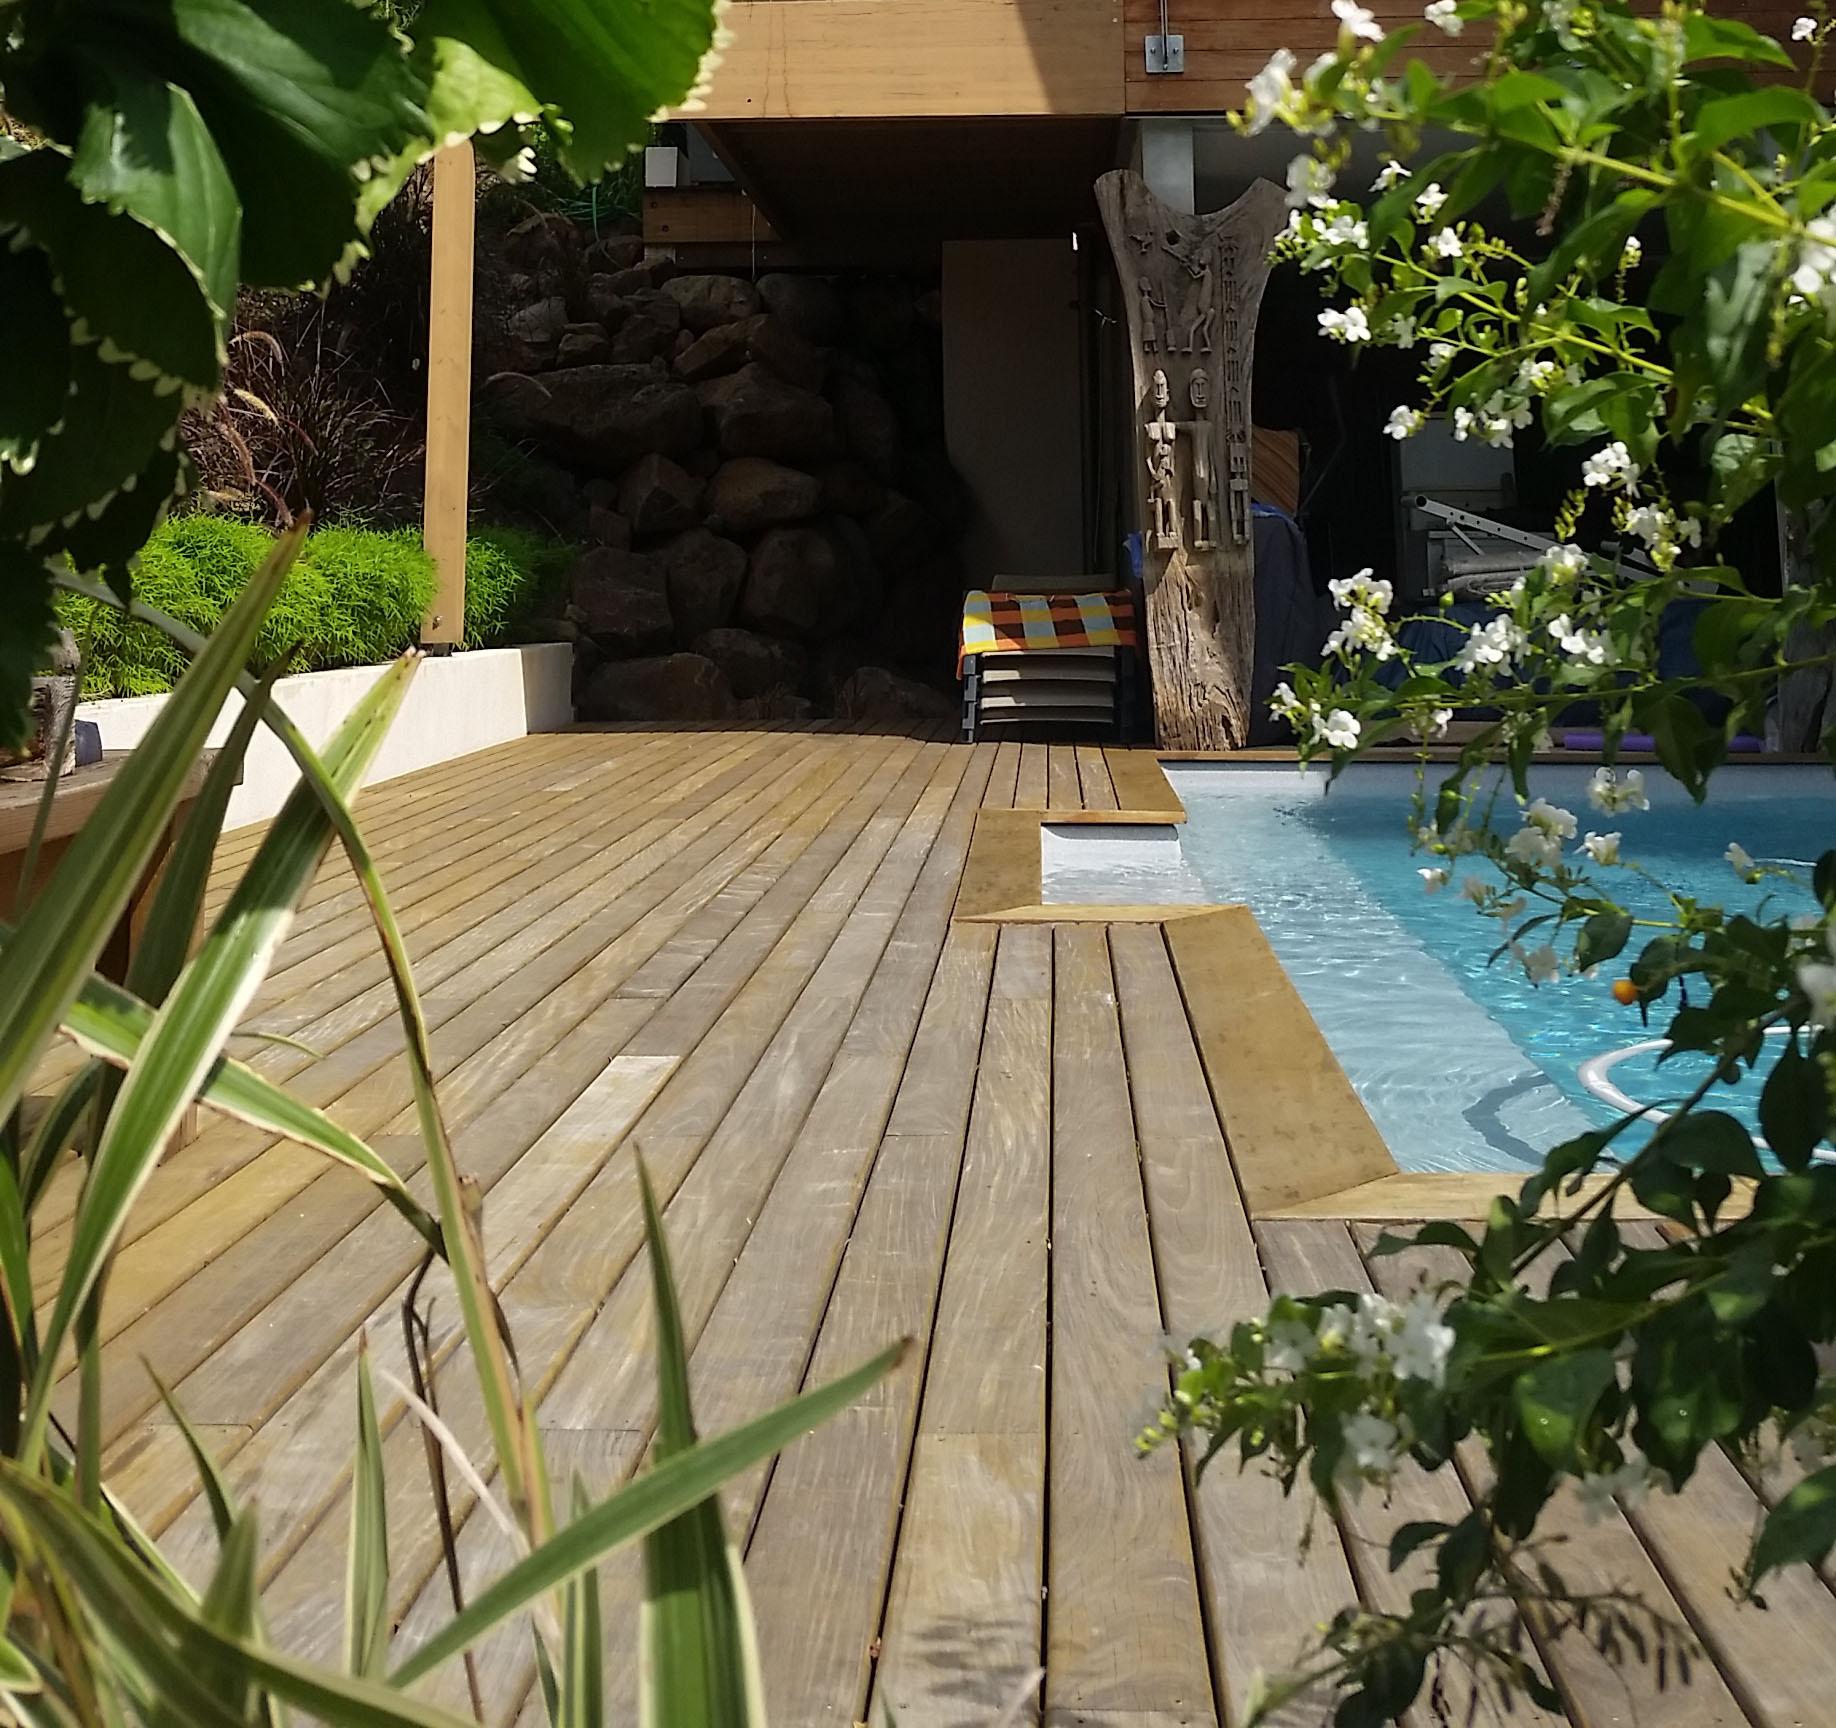 terrasse_bois_974_la_réunion